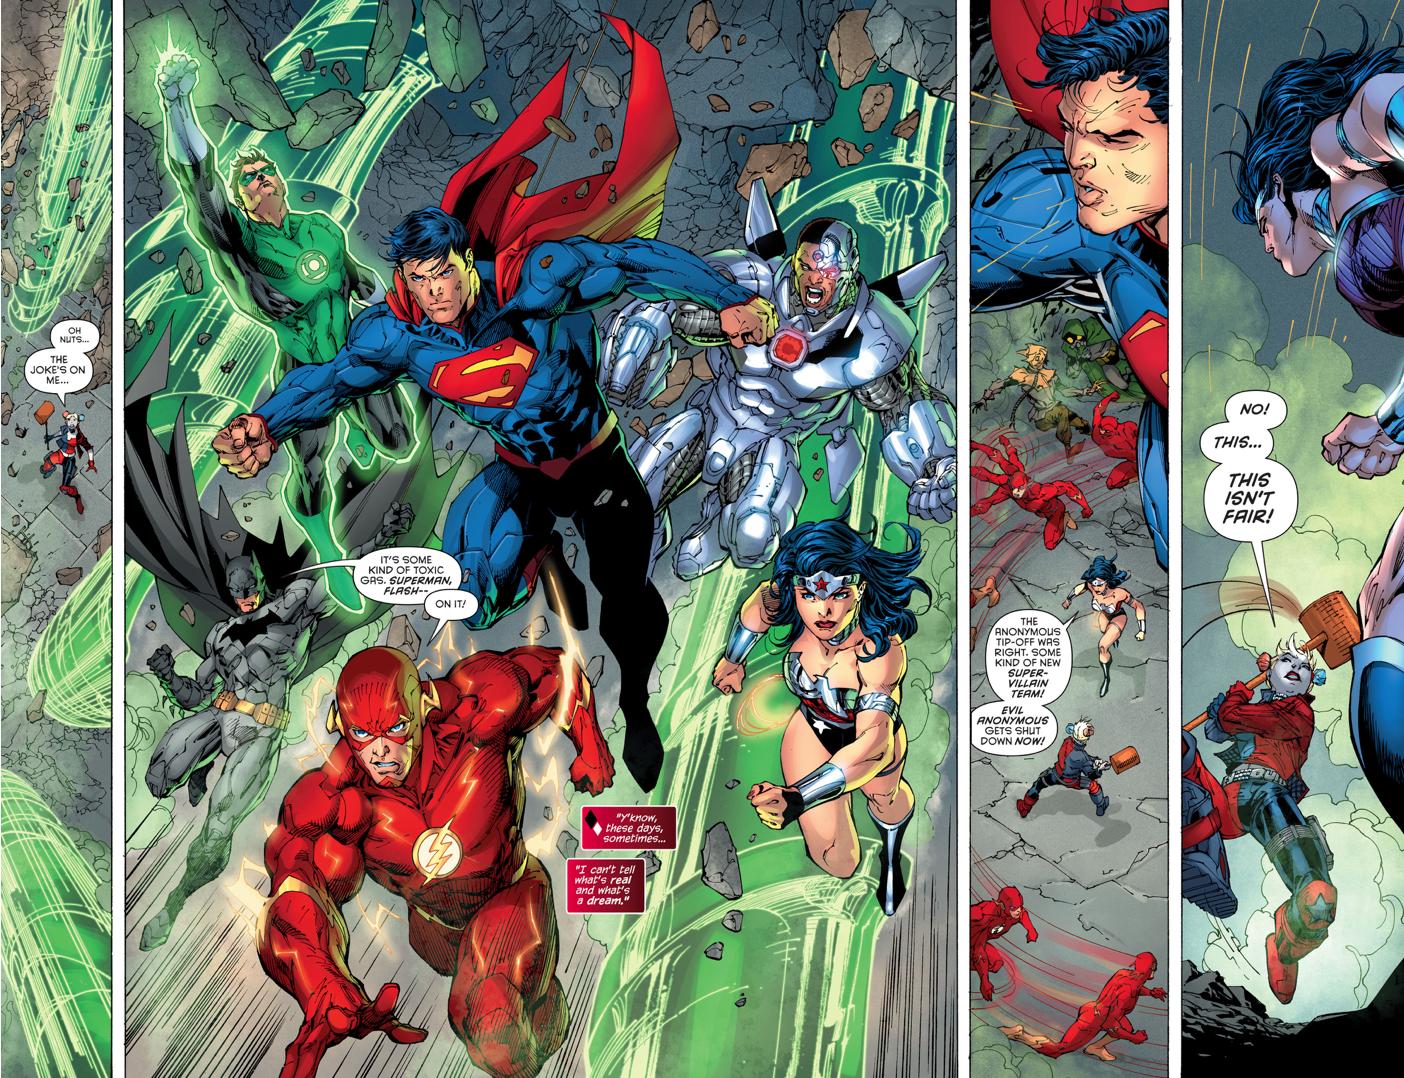 Harley Quinn VS The Justice League (April Fools Special)